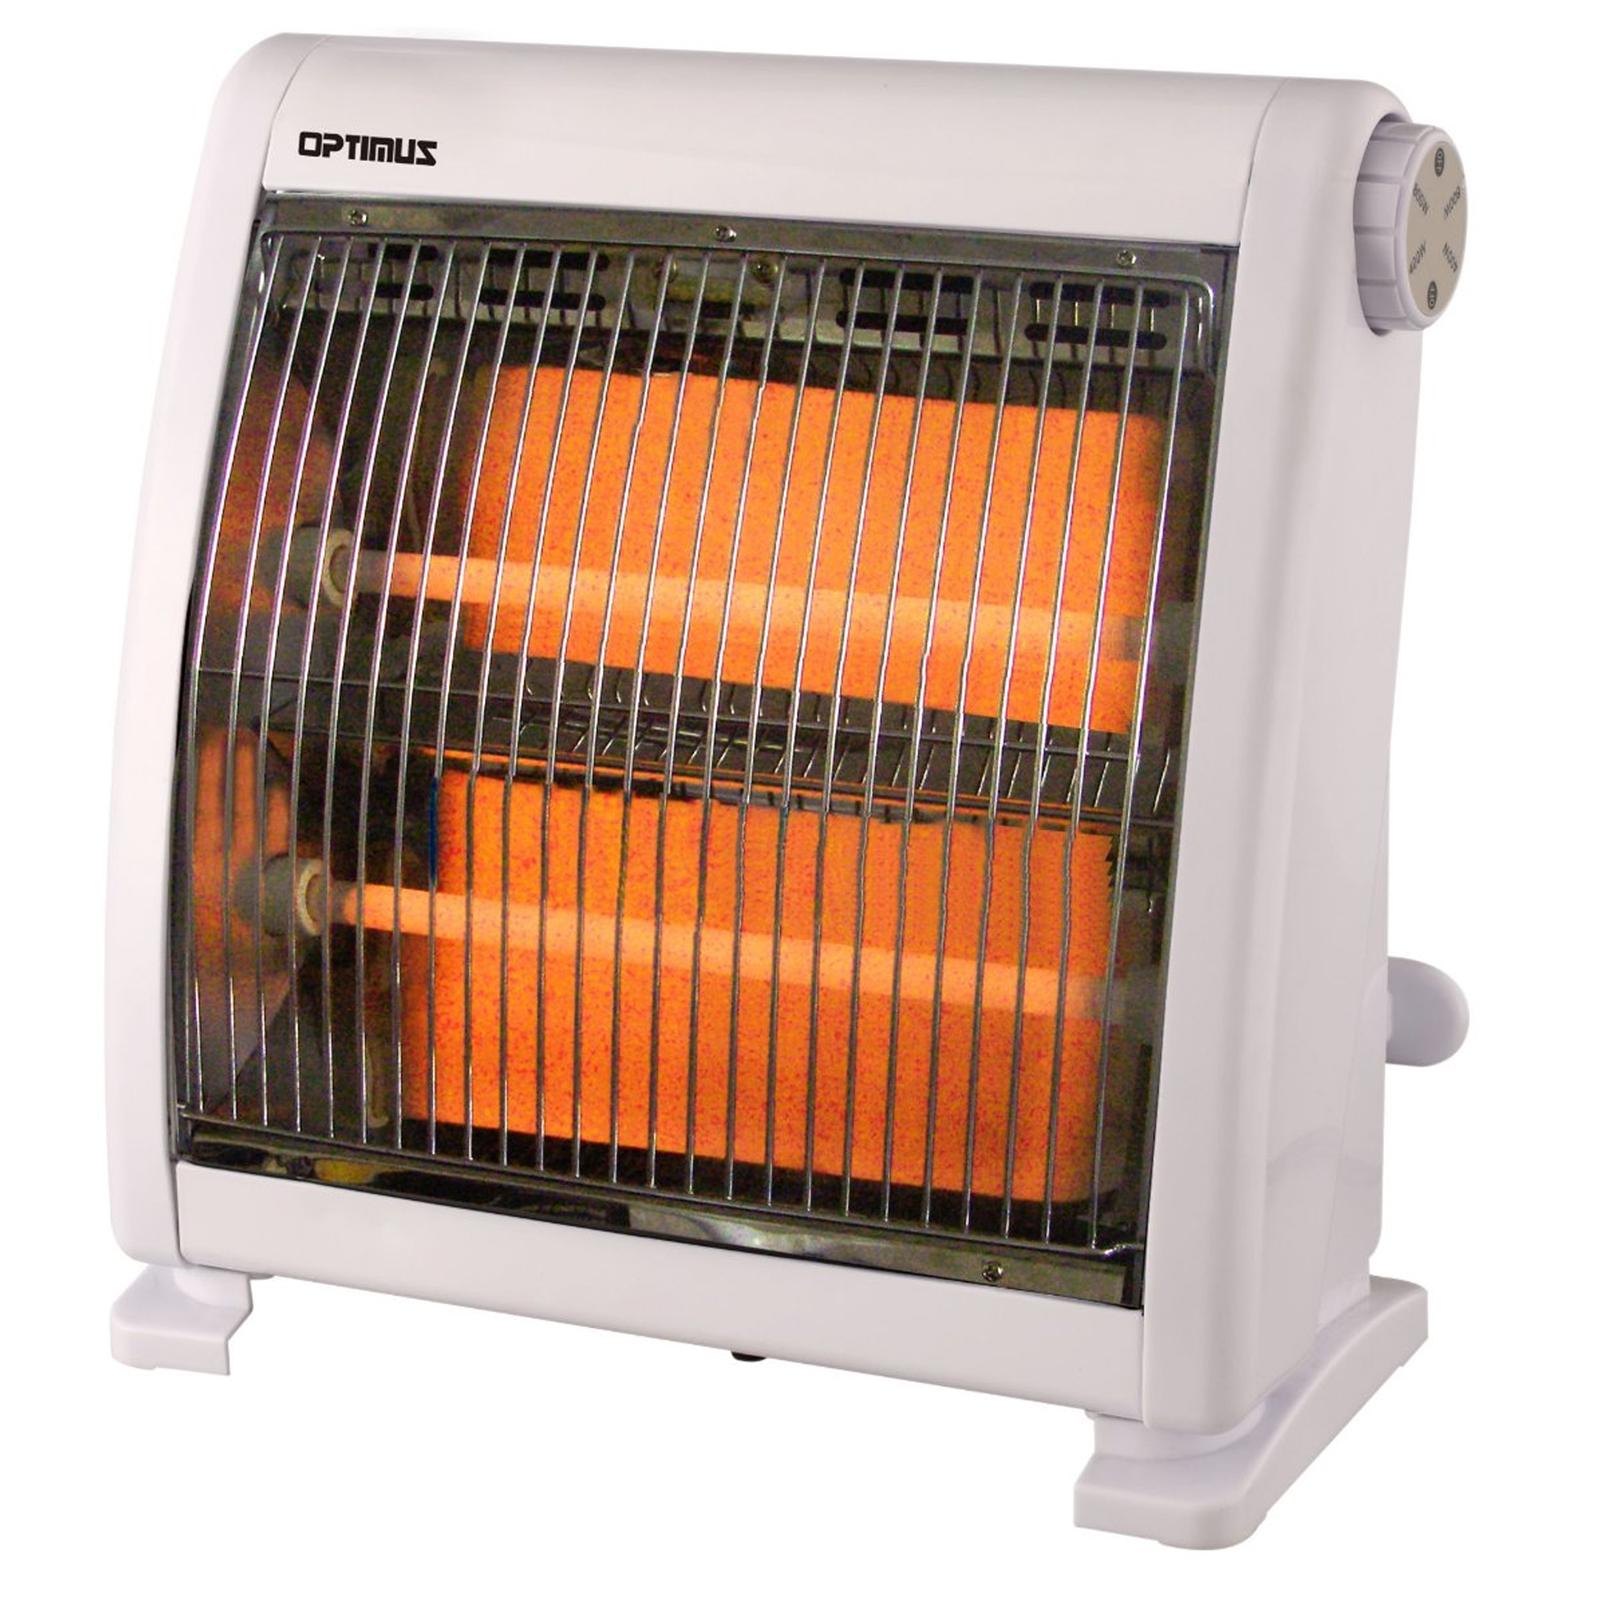 Image of Optimus 97085936M Infrared Quartz Radiant Heater, White